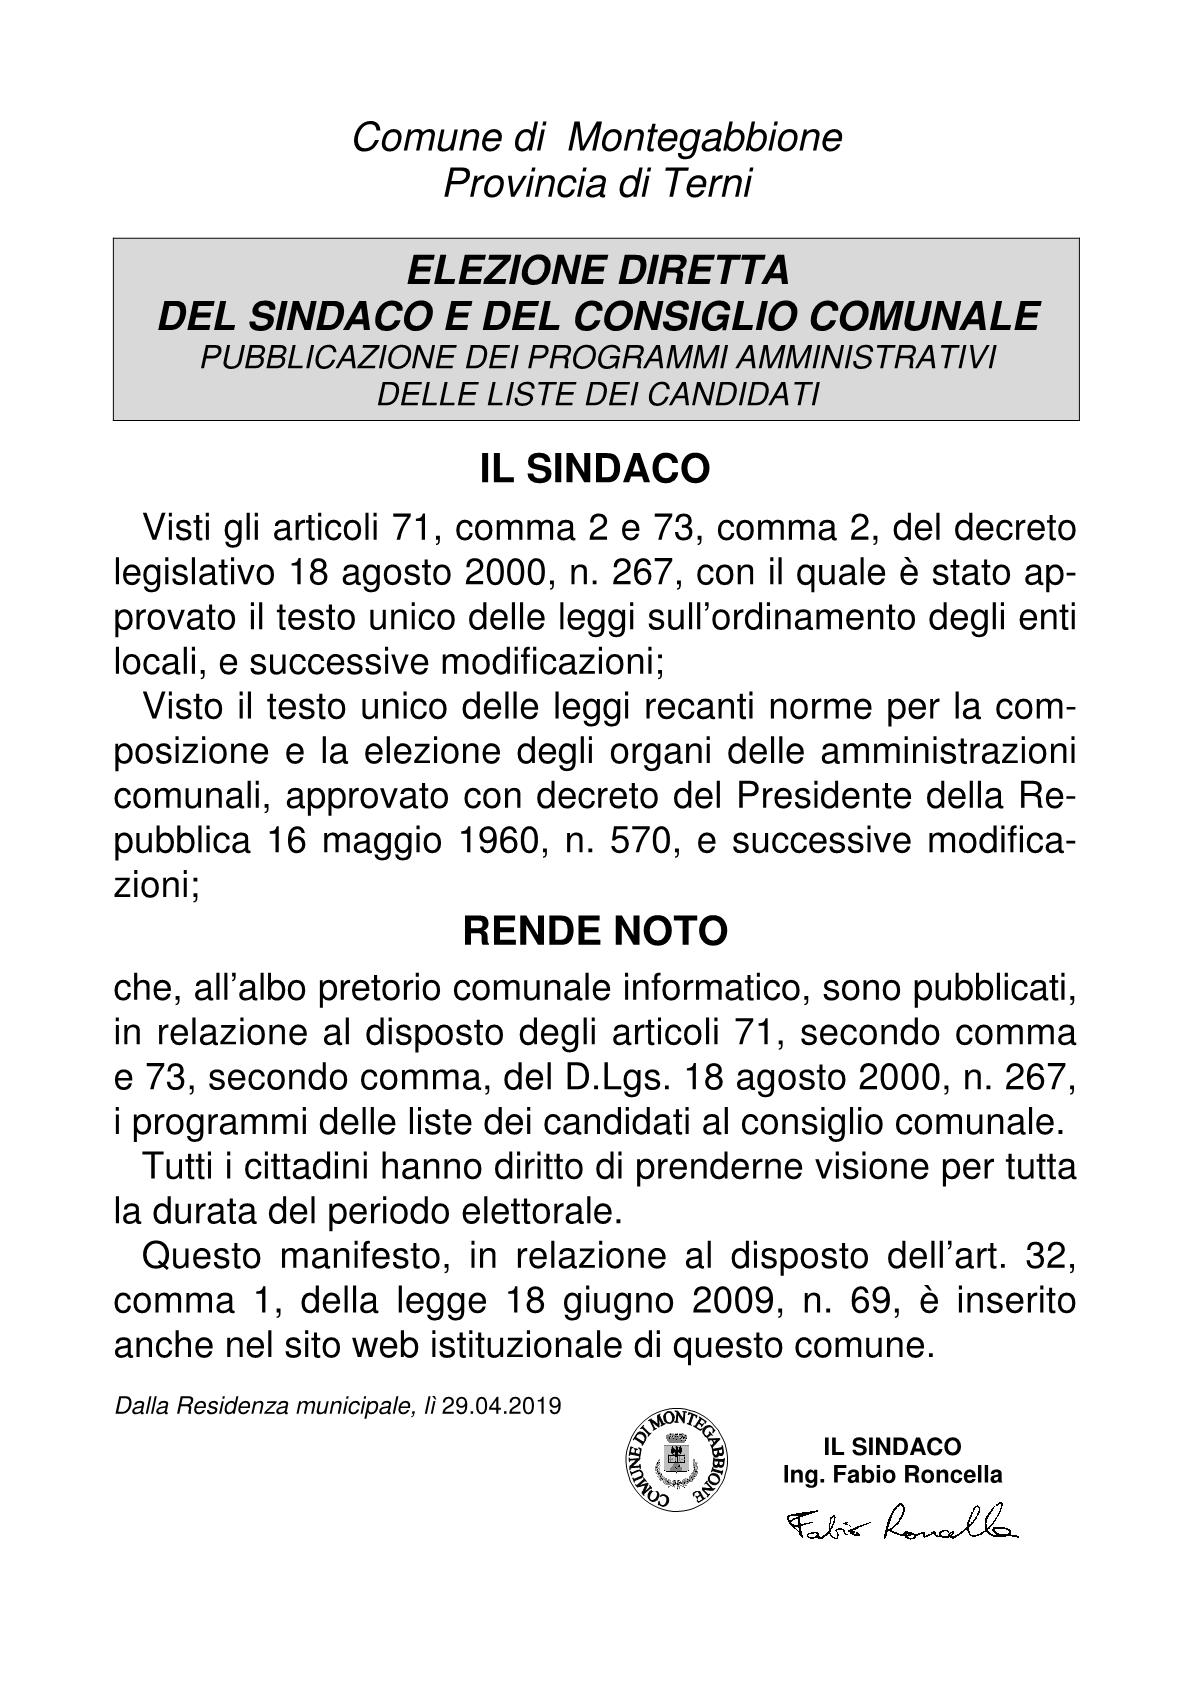 programmi delle liste dei candidati al consiglio comunale